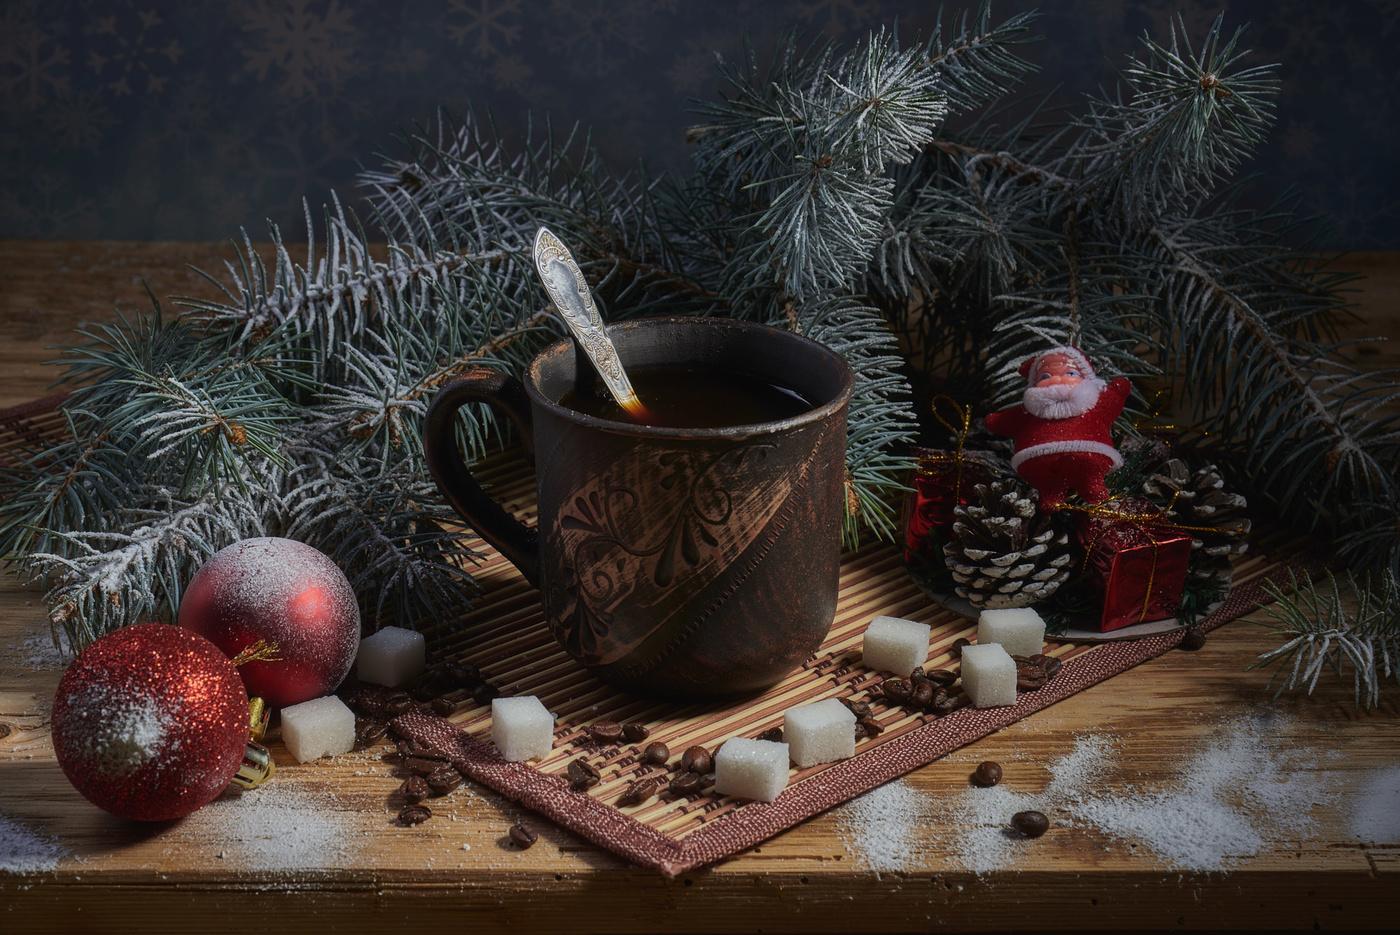 техники картинки доброе утро новогодние натюрморты них